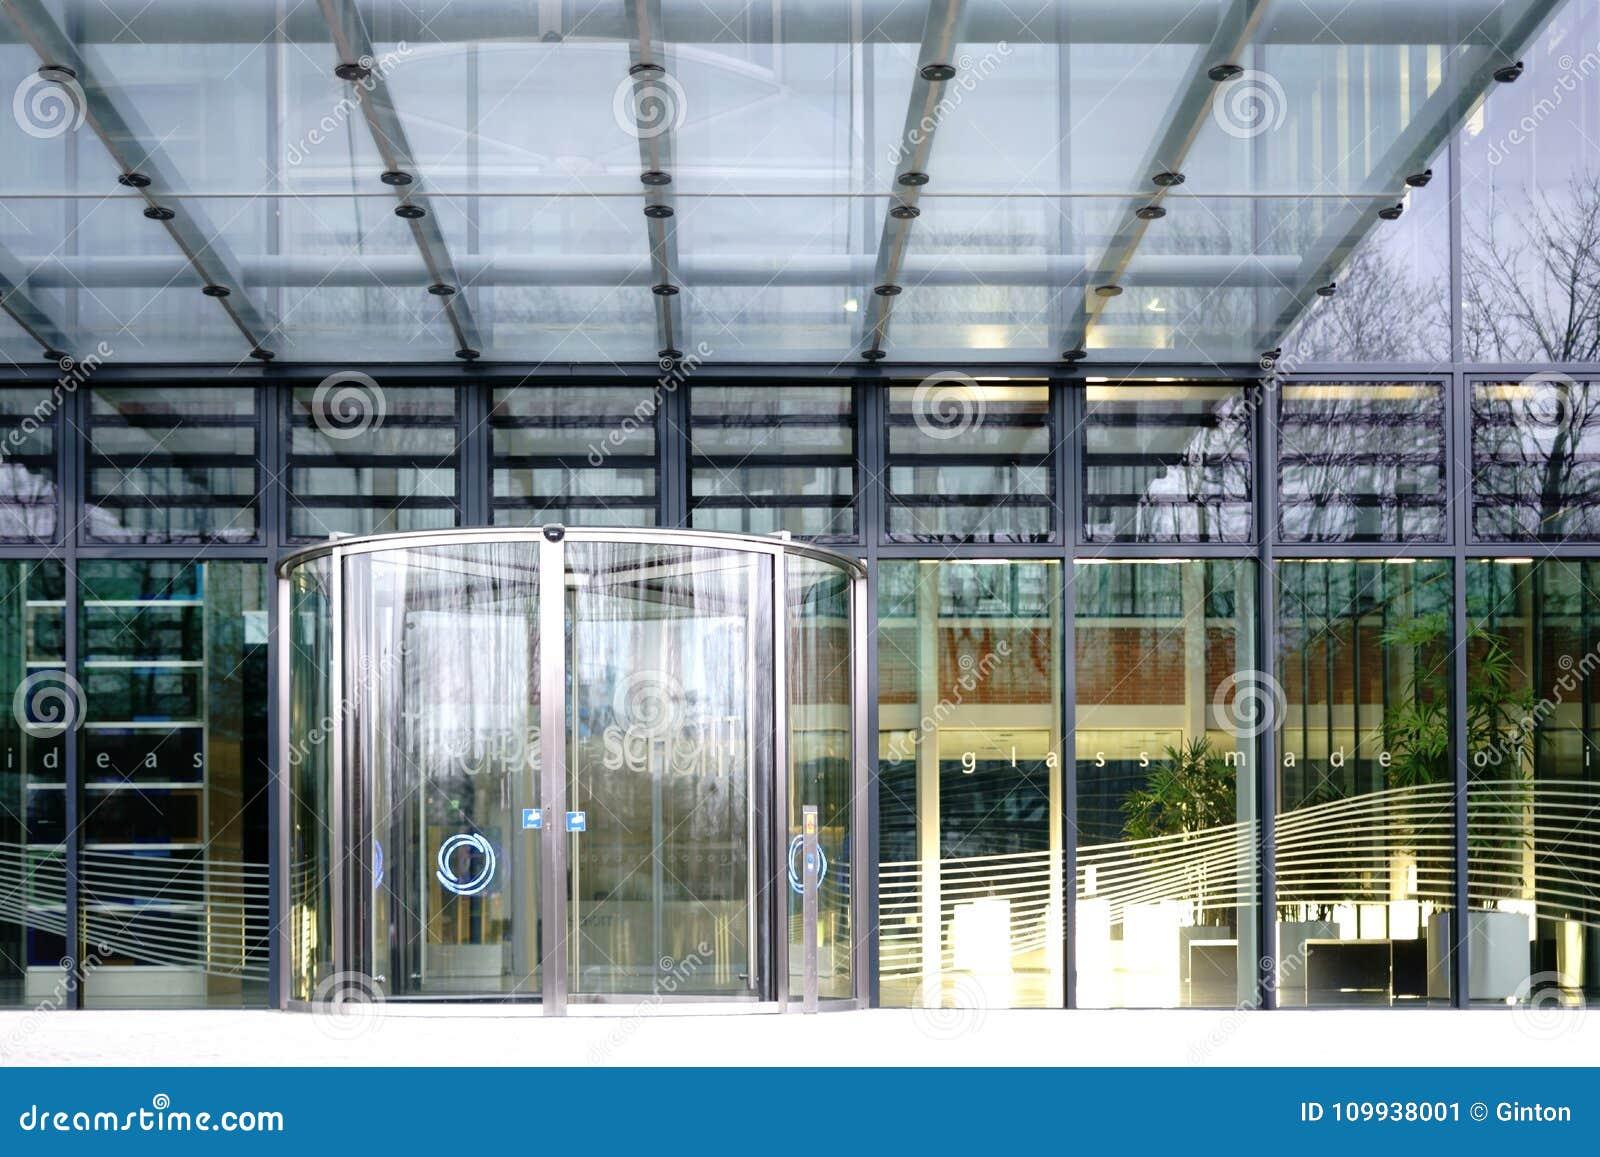 Glass Entrance Schott Ag Mainz Editorial Photo Image Of Schott